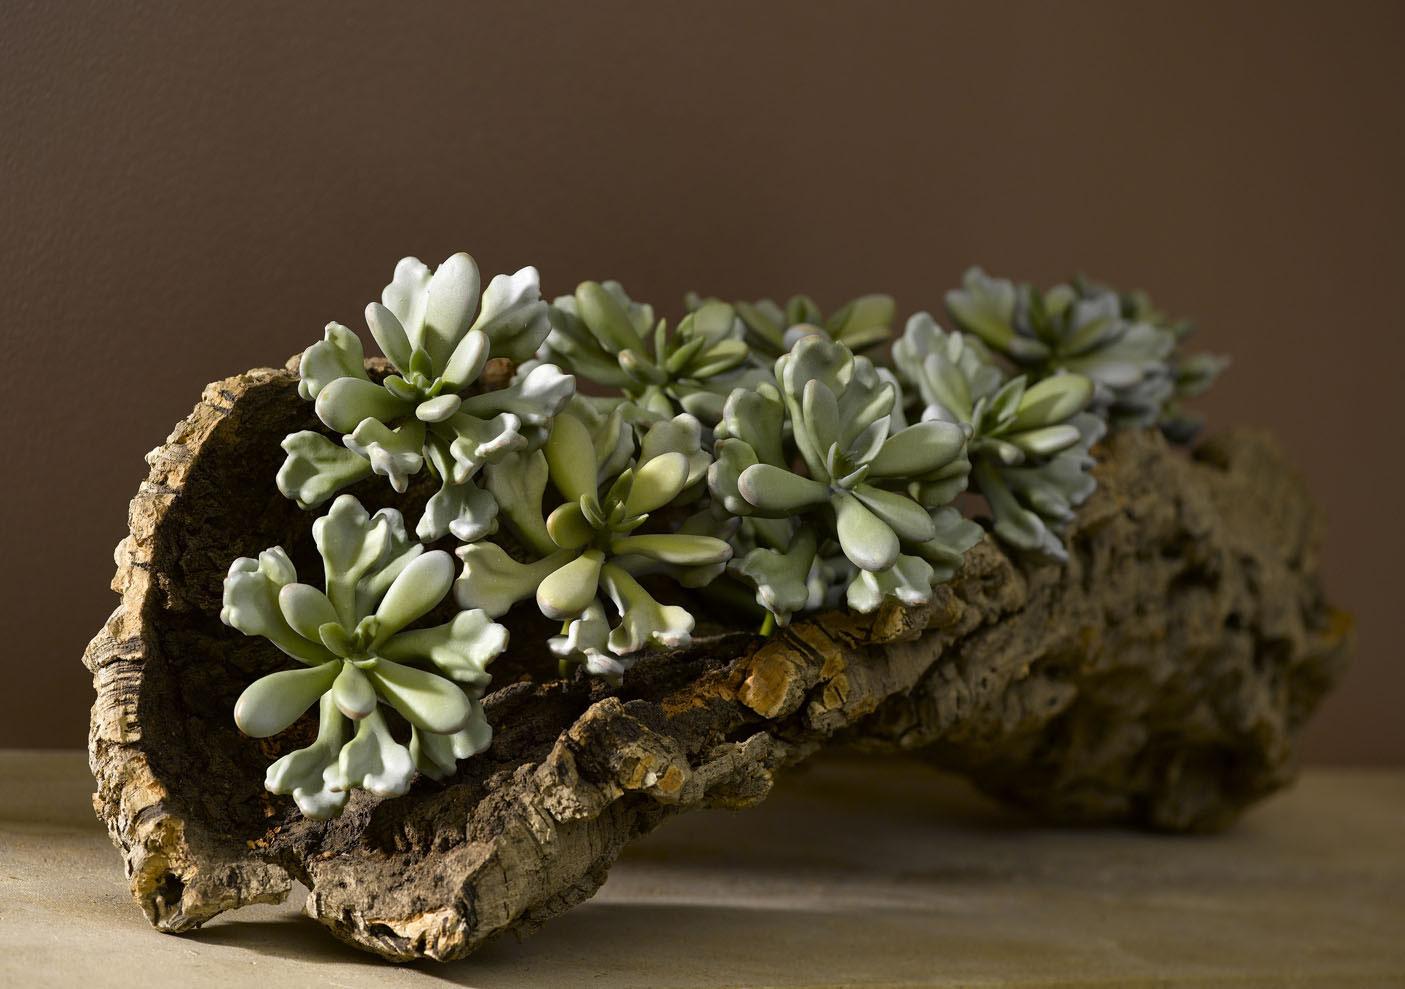 Stilvolle dekoration als individuelle erg nzung und pers nliche note botanic concepts - Stilvolle dekoration ...